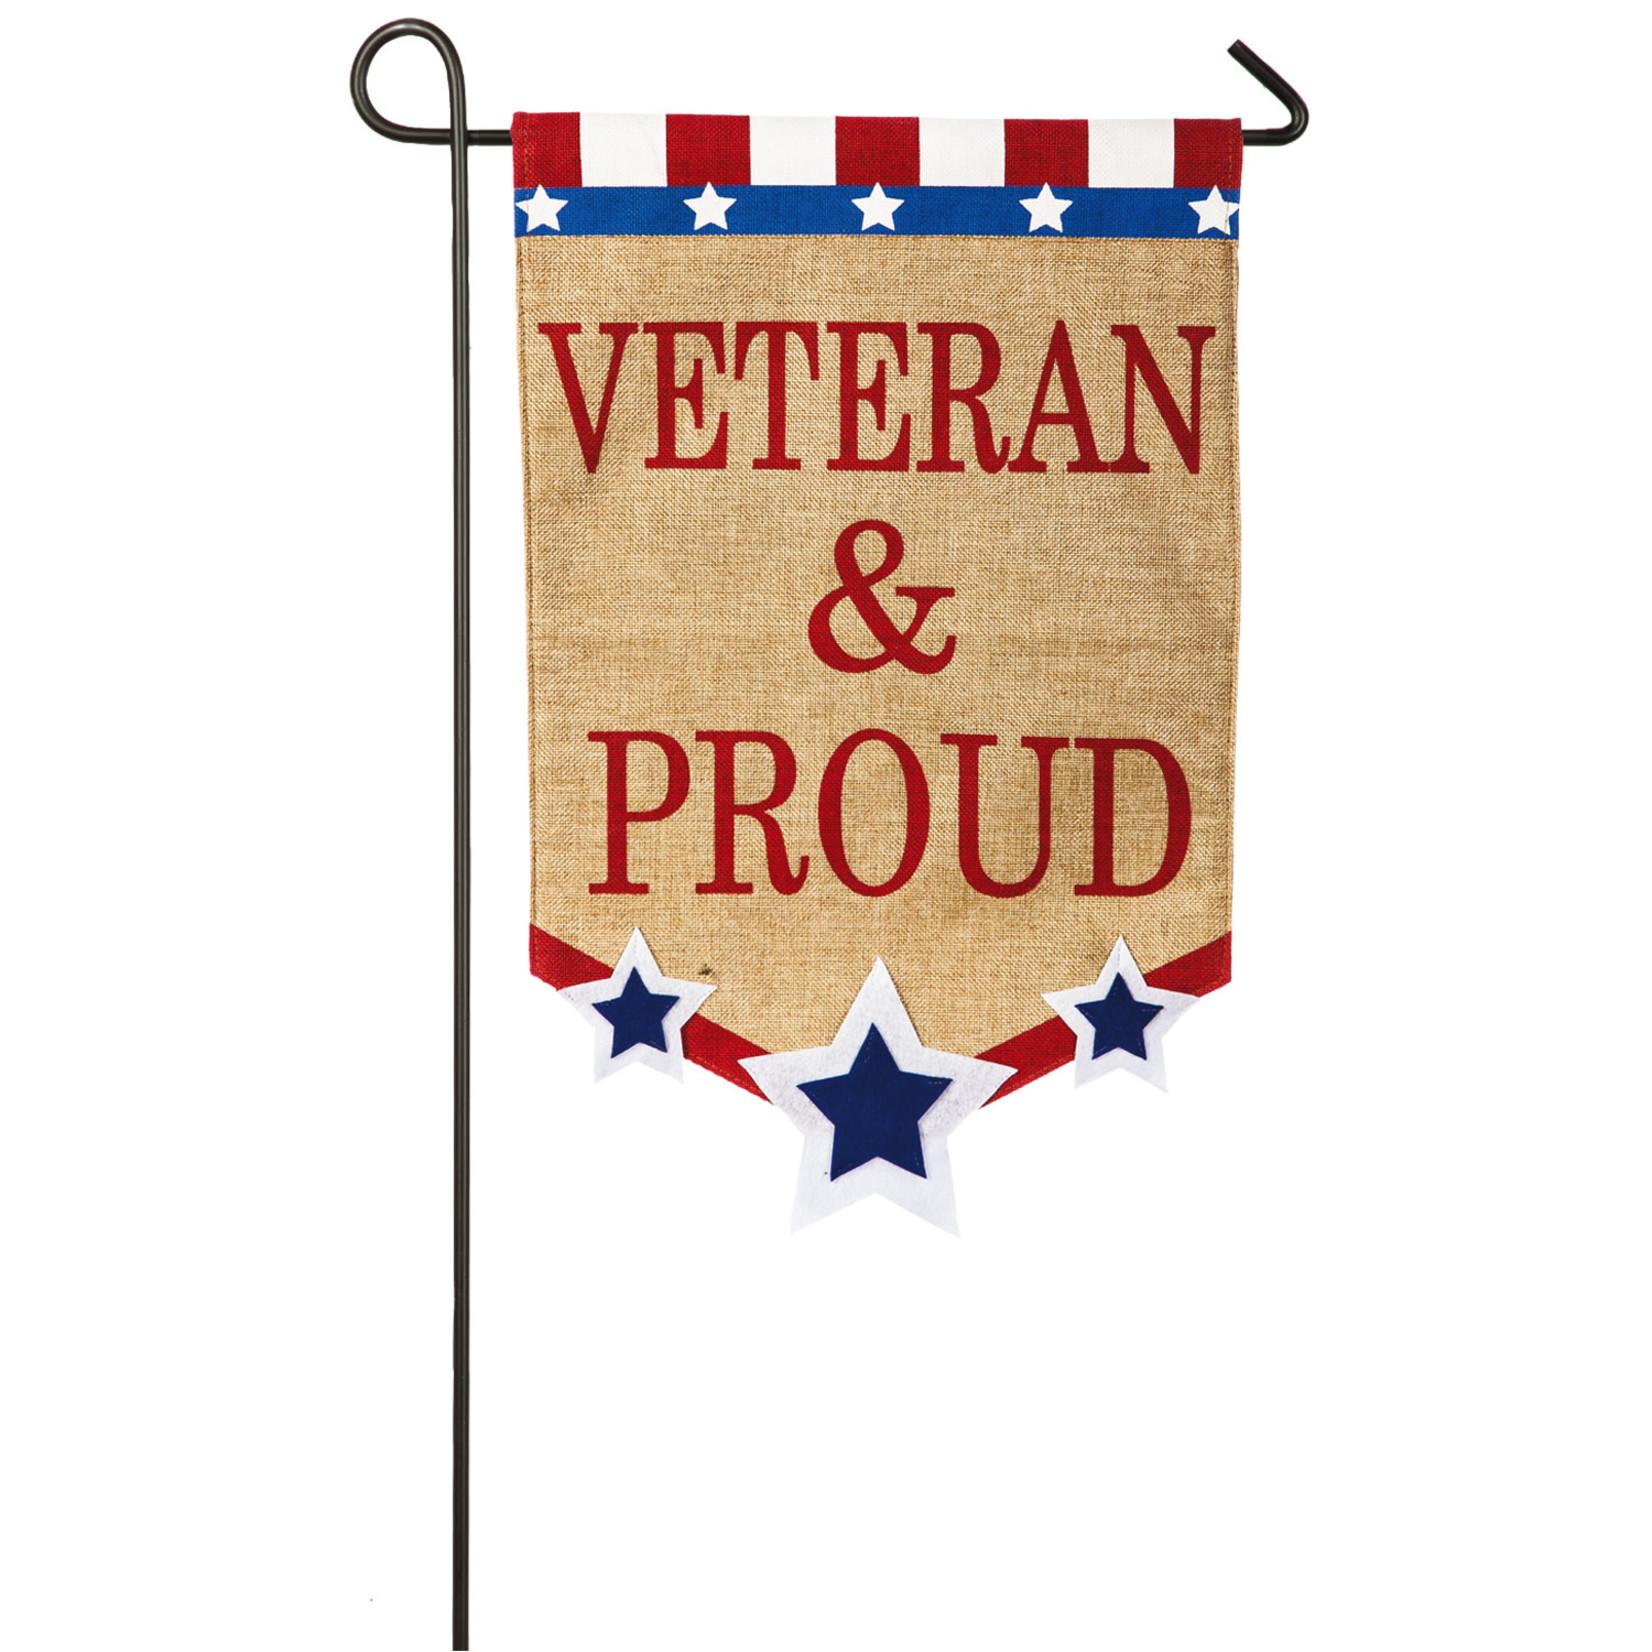 VETERAN & PROUD GARDEN FLAG